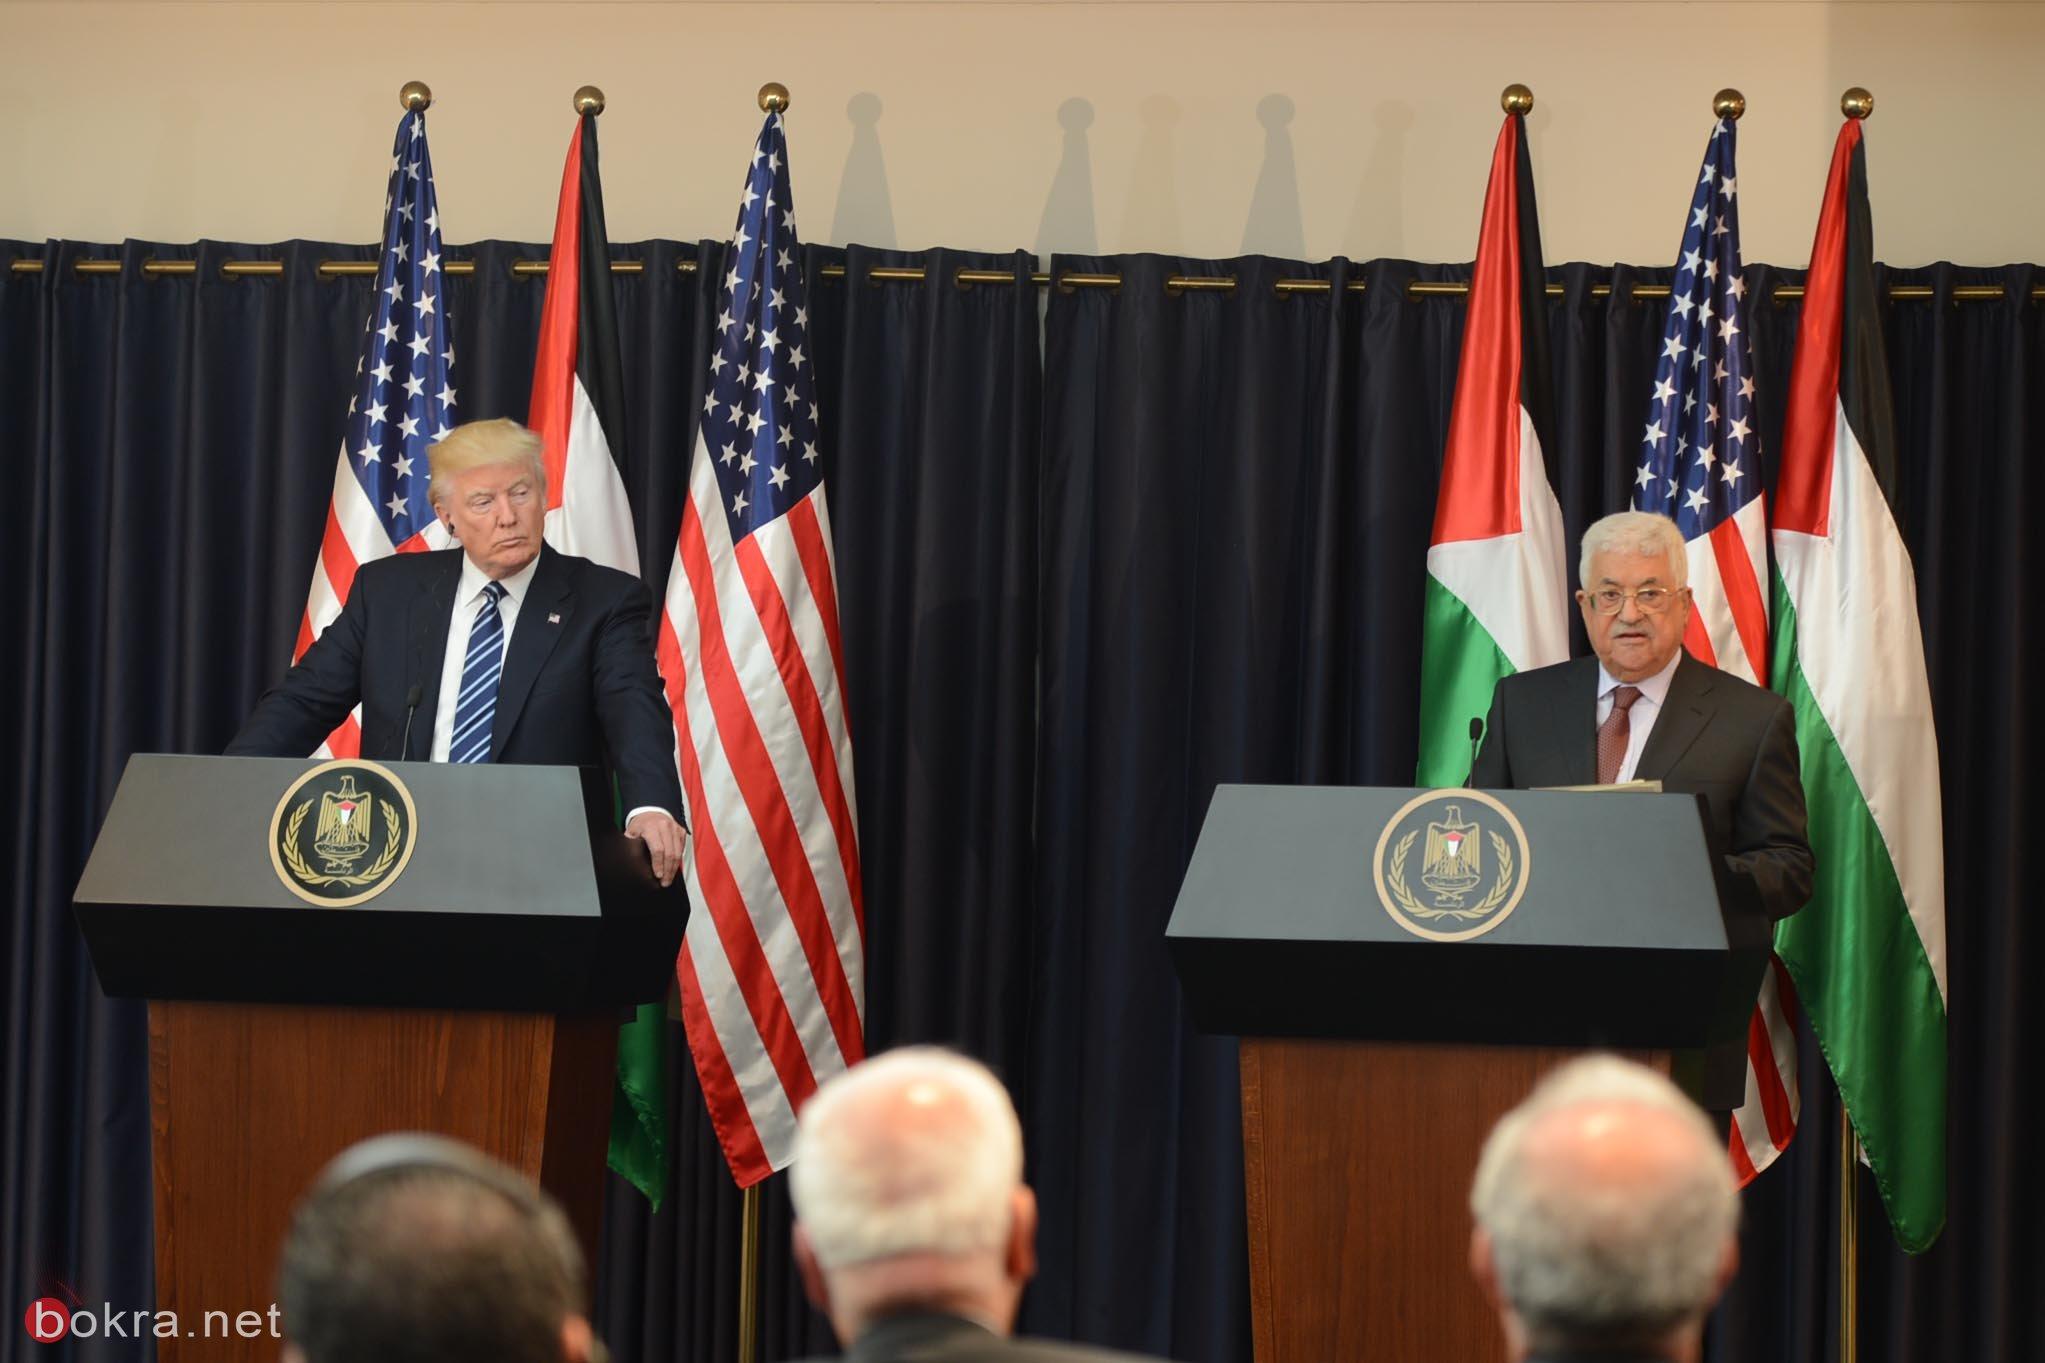 عباس في لقائه مع ترامب: حرية شعبنا واستقلاله مفتاح السلام والاستقرار